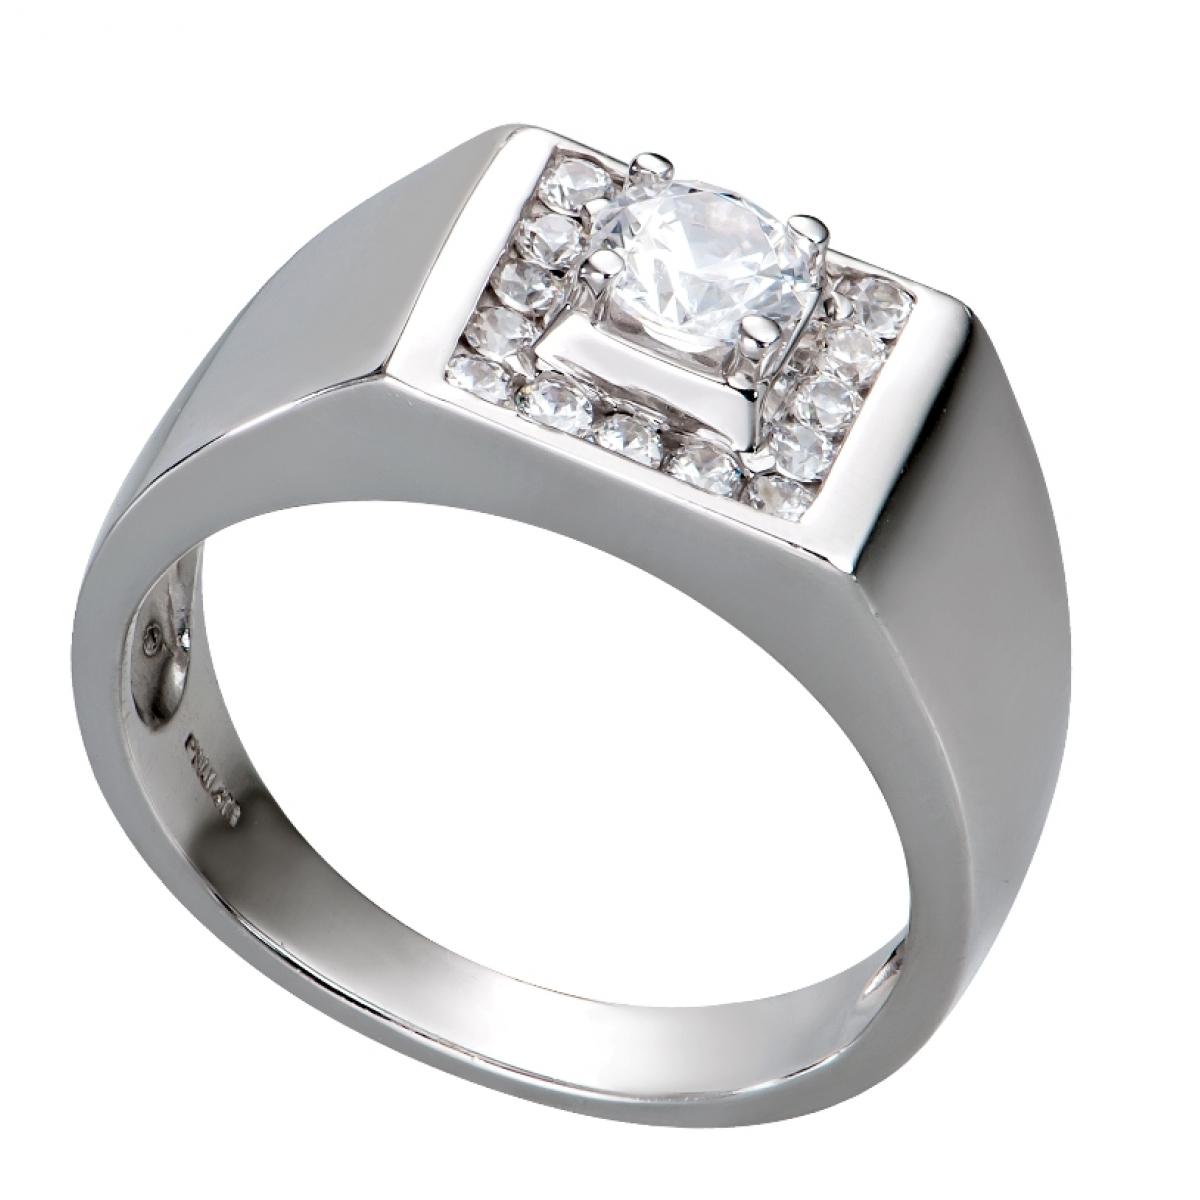 Nhẫn Nam PNJ Vàng trắng 10K đính đá ECZ 70185.106 - 3818740 , GNDRWB70185_106 , 274_GNDRWB70185_106_16 , 6470000 , Nhan-Nam-PNJ-Vang-trang-10K-dinh-da-ECZ-70185.106-274_GNDRWB70185_106_16 , pnj.com.vn , Nhẫn Nam PNJ Vàng trắng 10K đính đá ECZ 70185.106